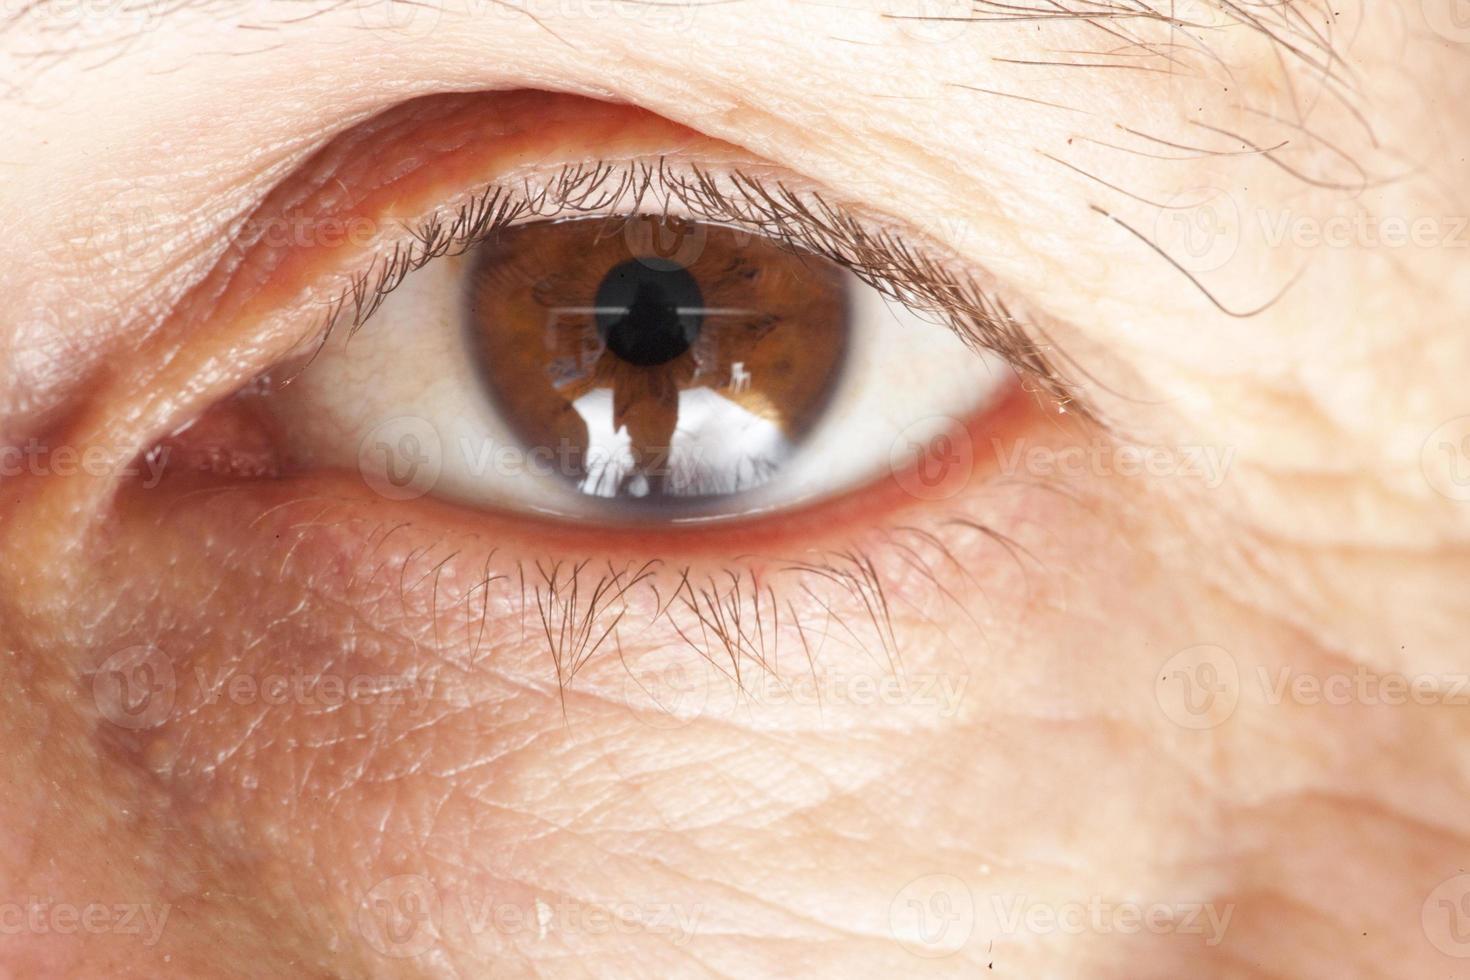 malattia dell'occhio foto